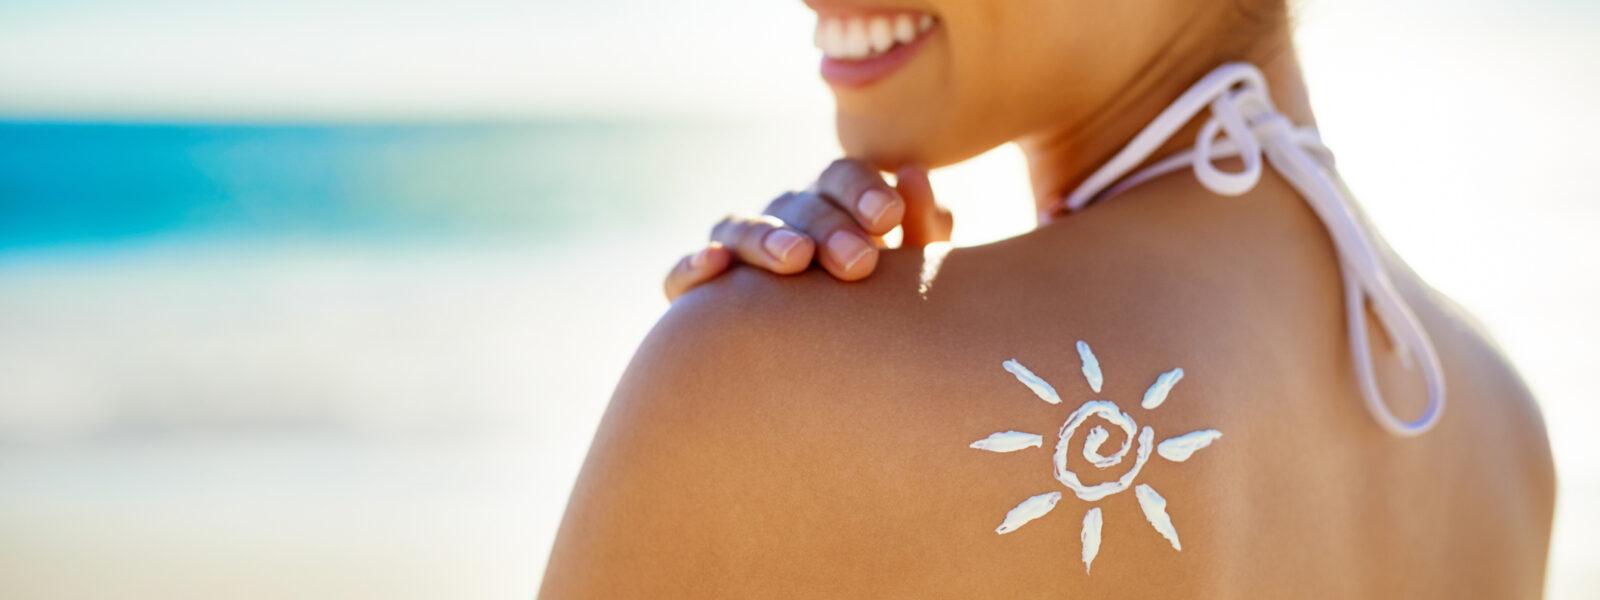 Atenção ao sol! Os efeitos assustadores da exposição à radiação UV